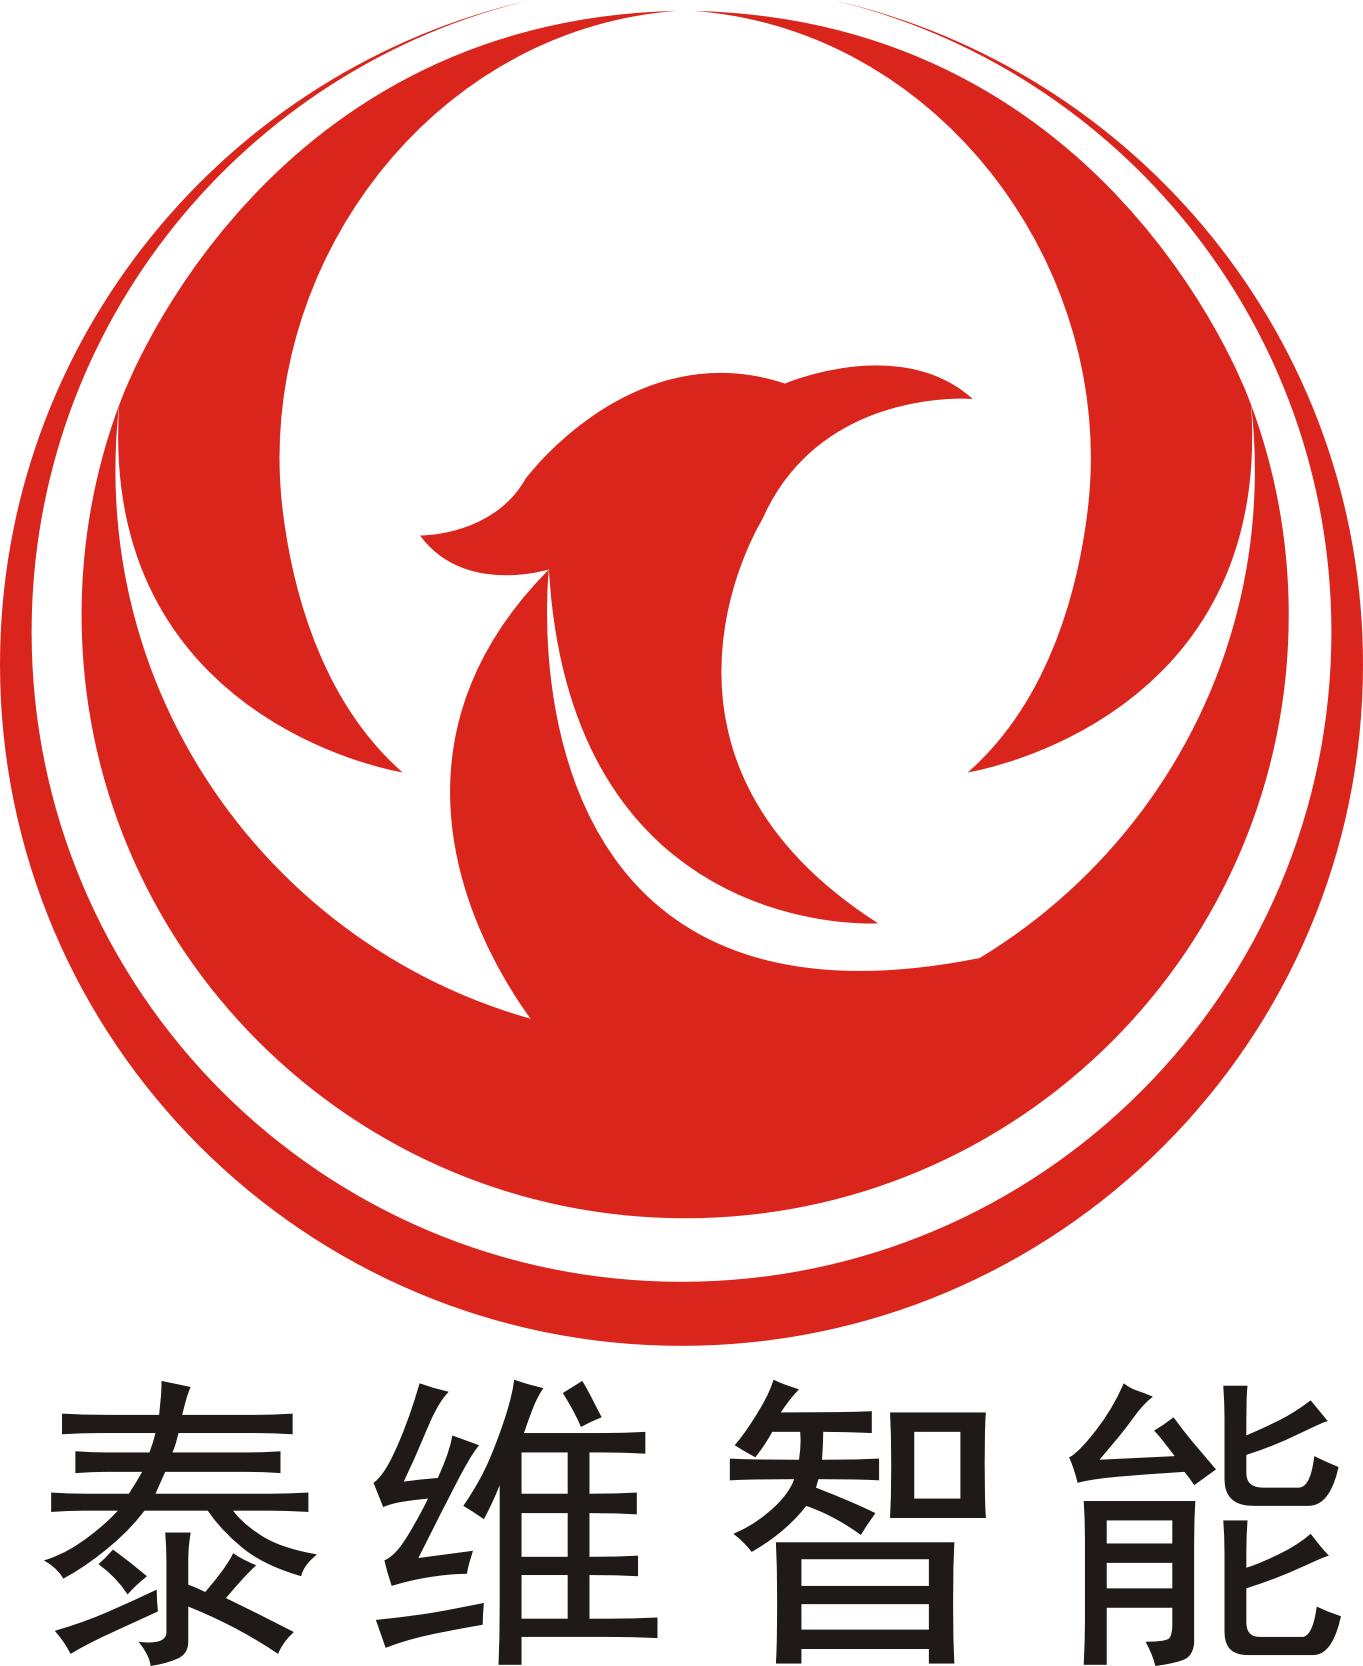 扬州泰维智能设备有限公司